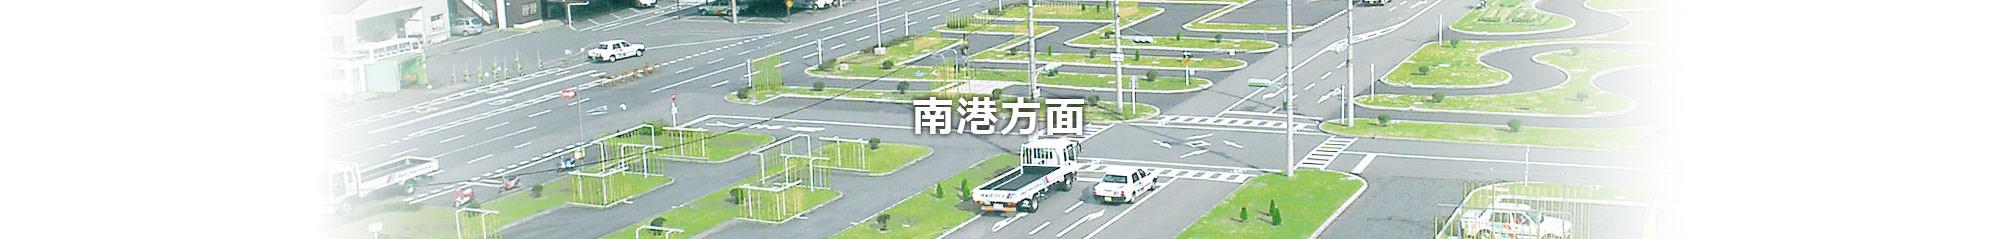 南港・南港北コスモスクエア方面(予約制)